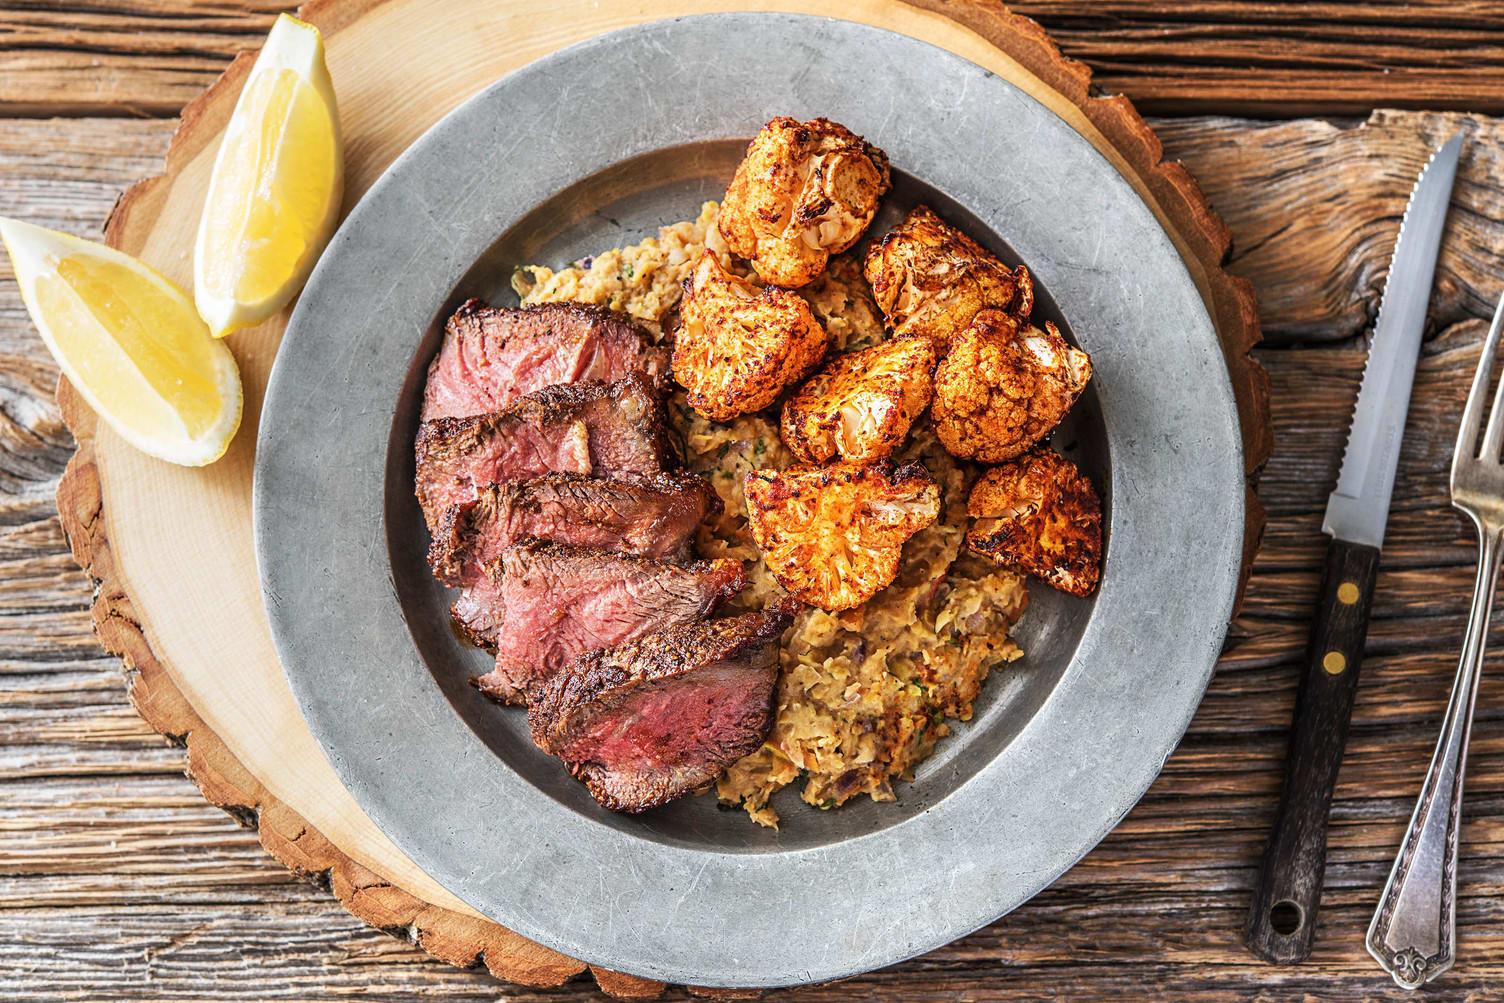 Sumac-Paprika Steak